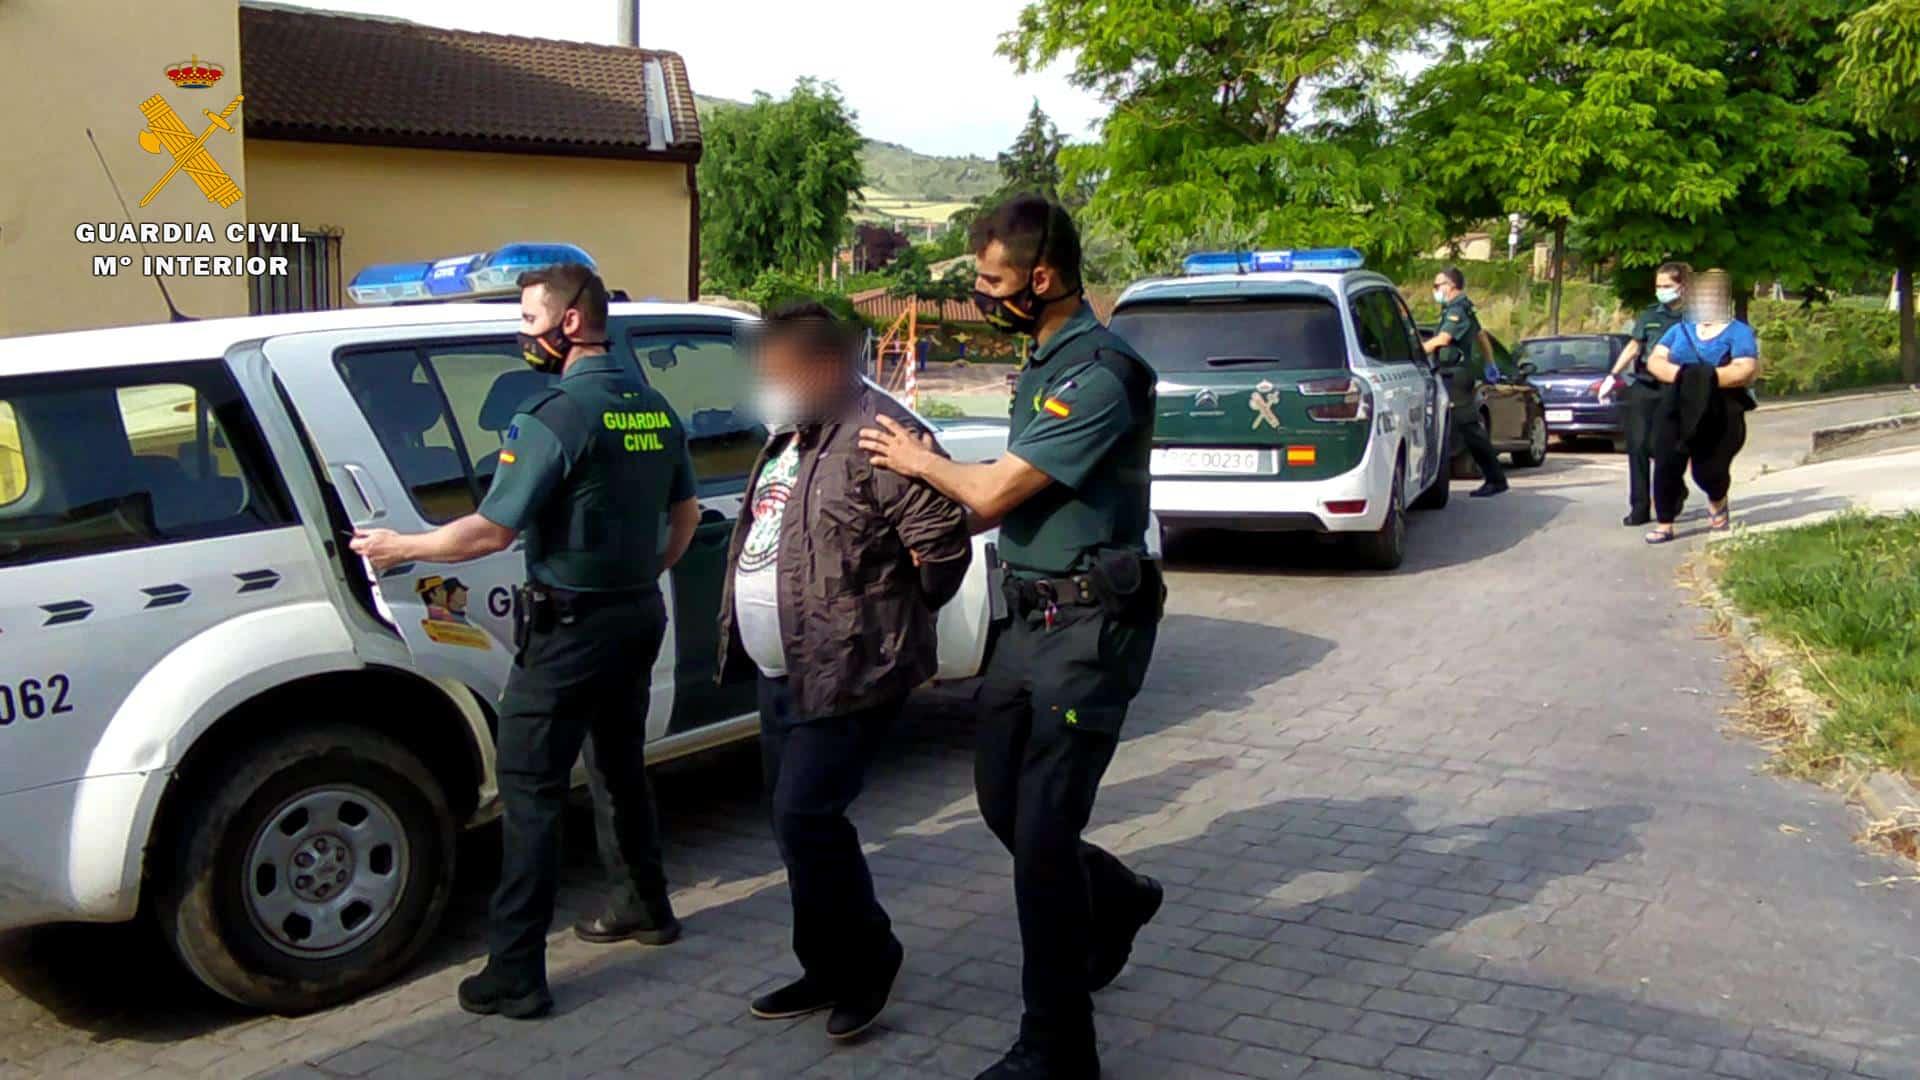 La Guardia Civil detiene en Hormilleja a dos personas por explotar a trabajadores en labores agrícolas 2